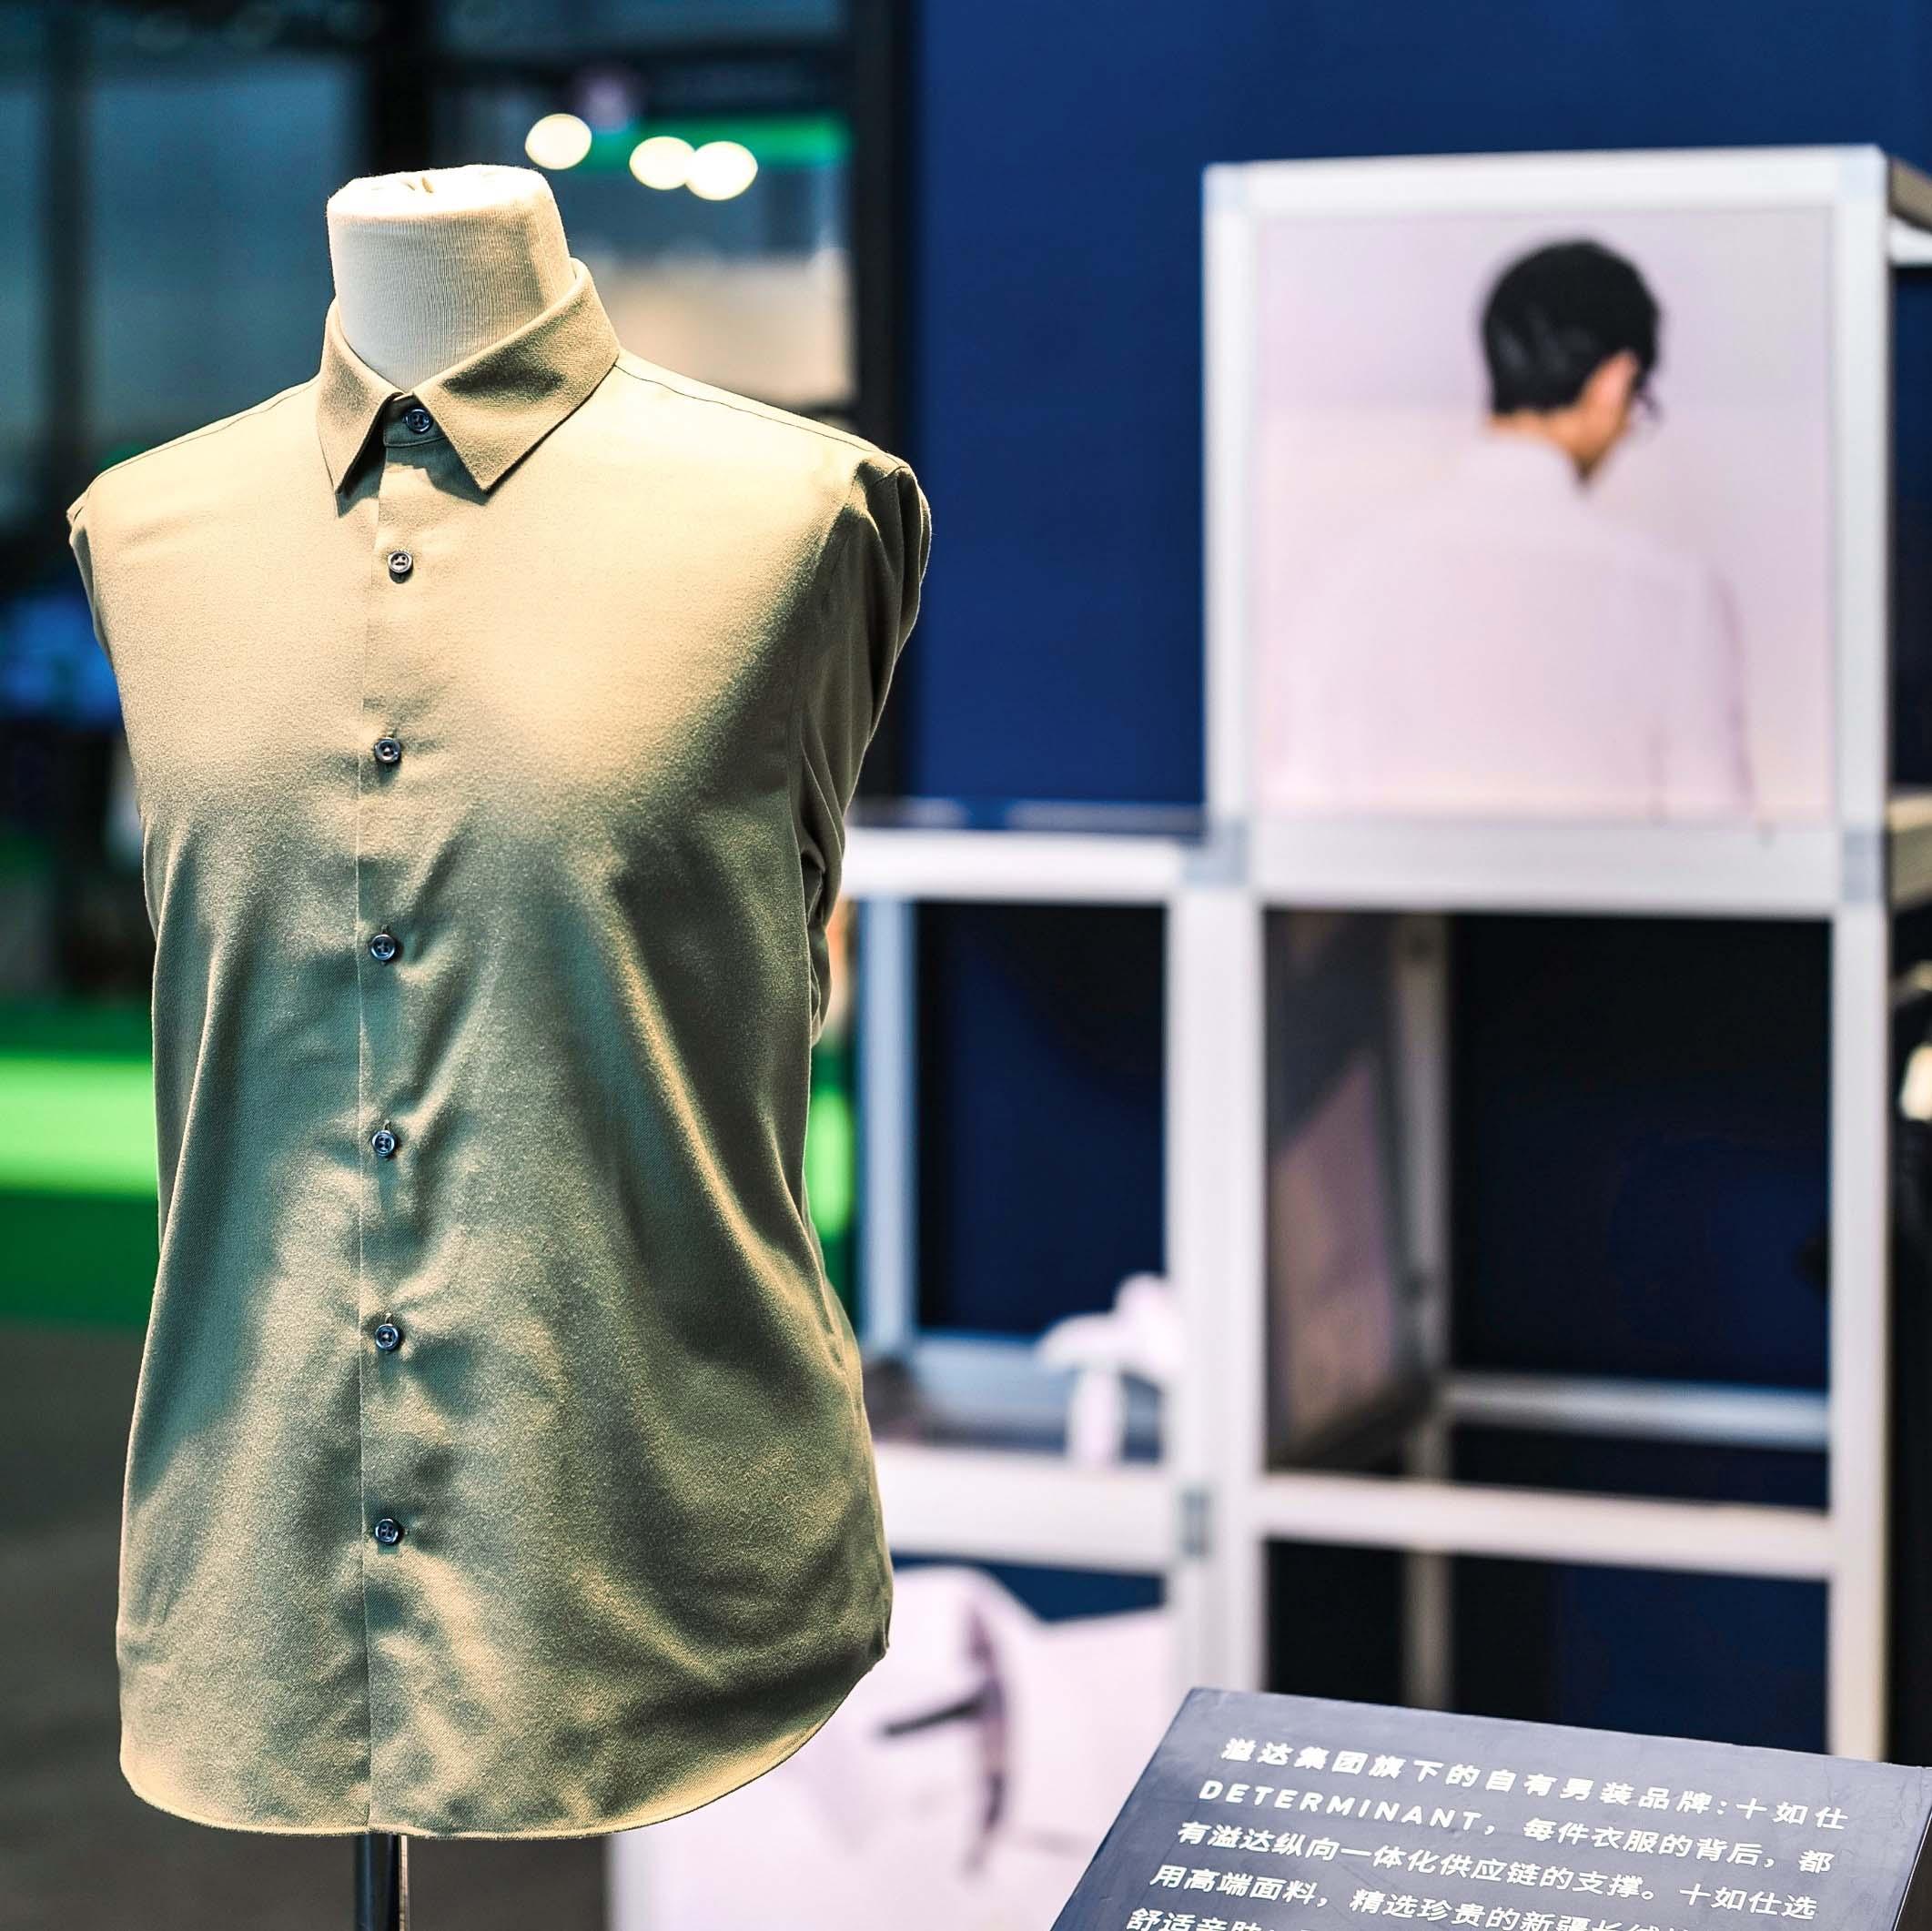 「十如仕」亮相CHIC服装服饰博览会,以高质量男装乐享高品质生活